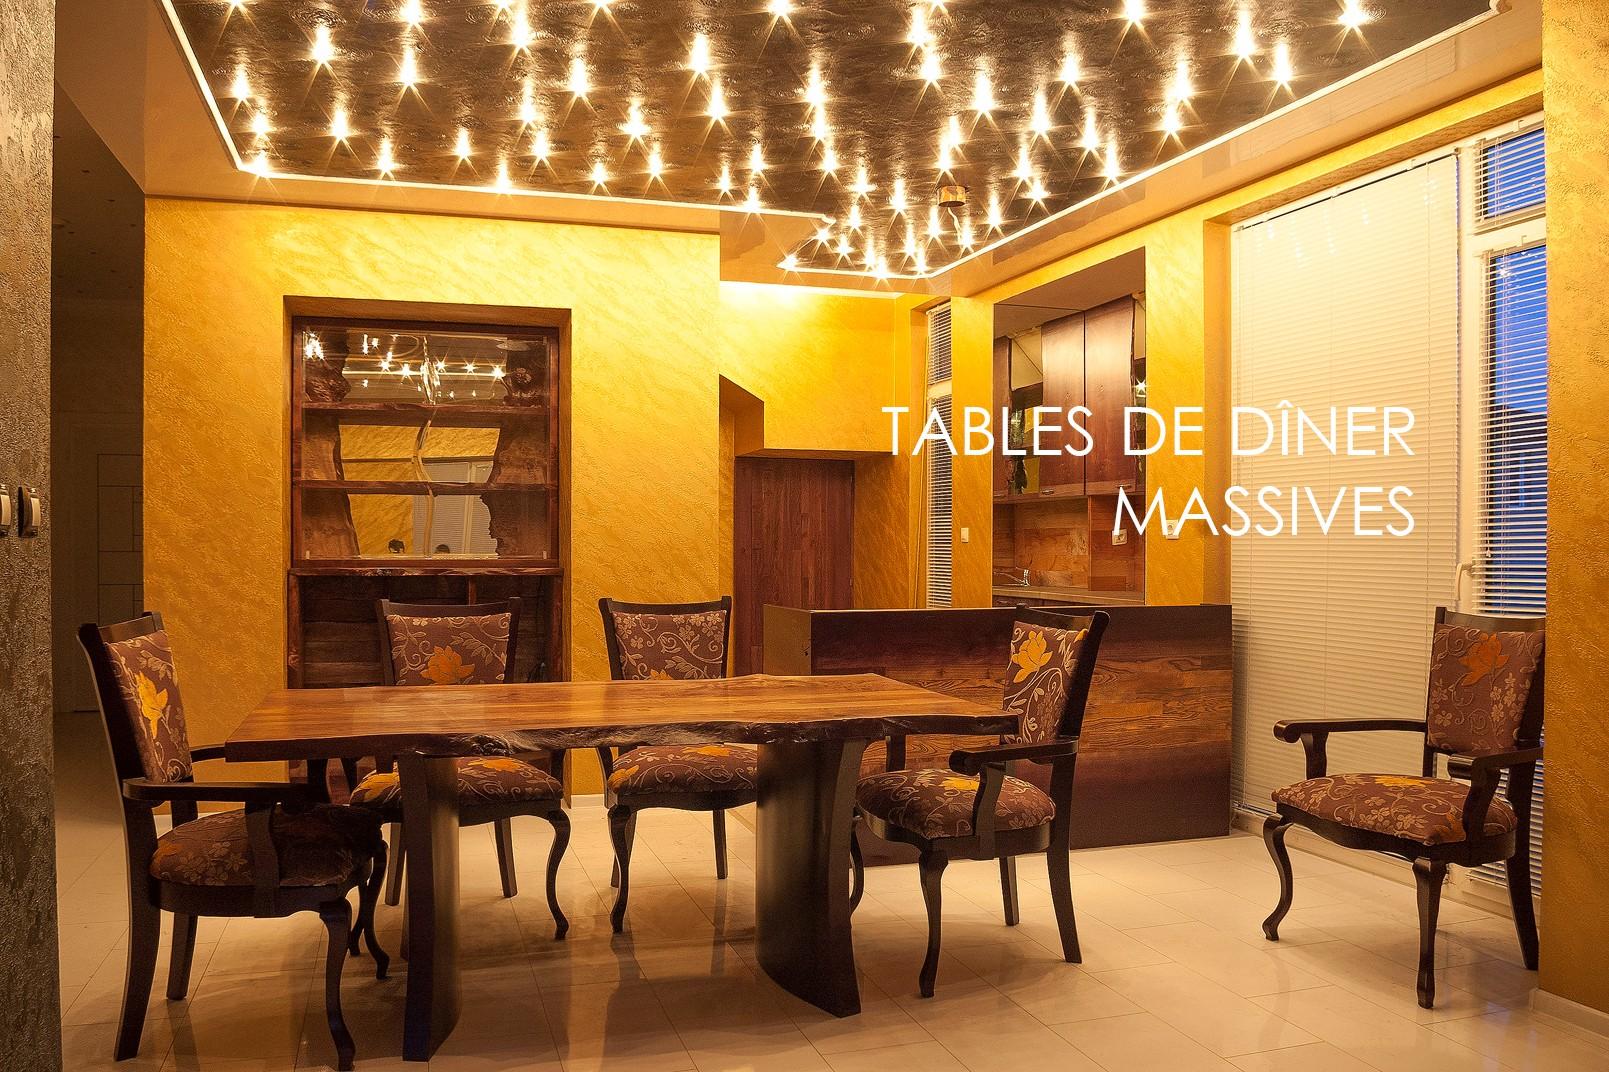 Tables de dîner massives